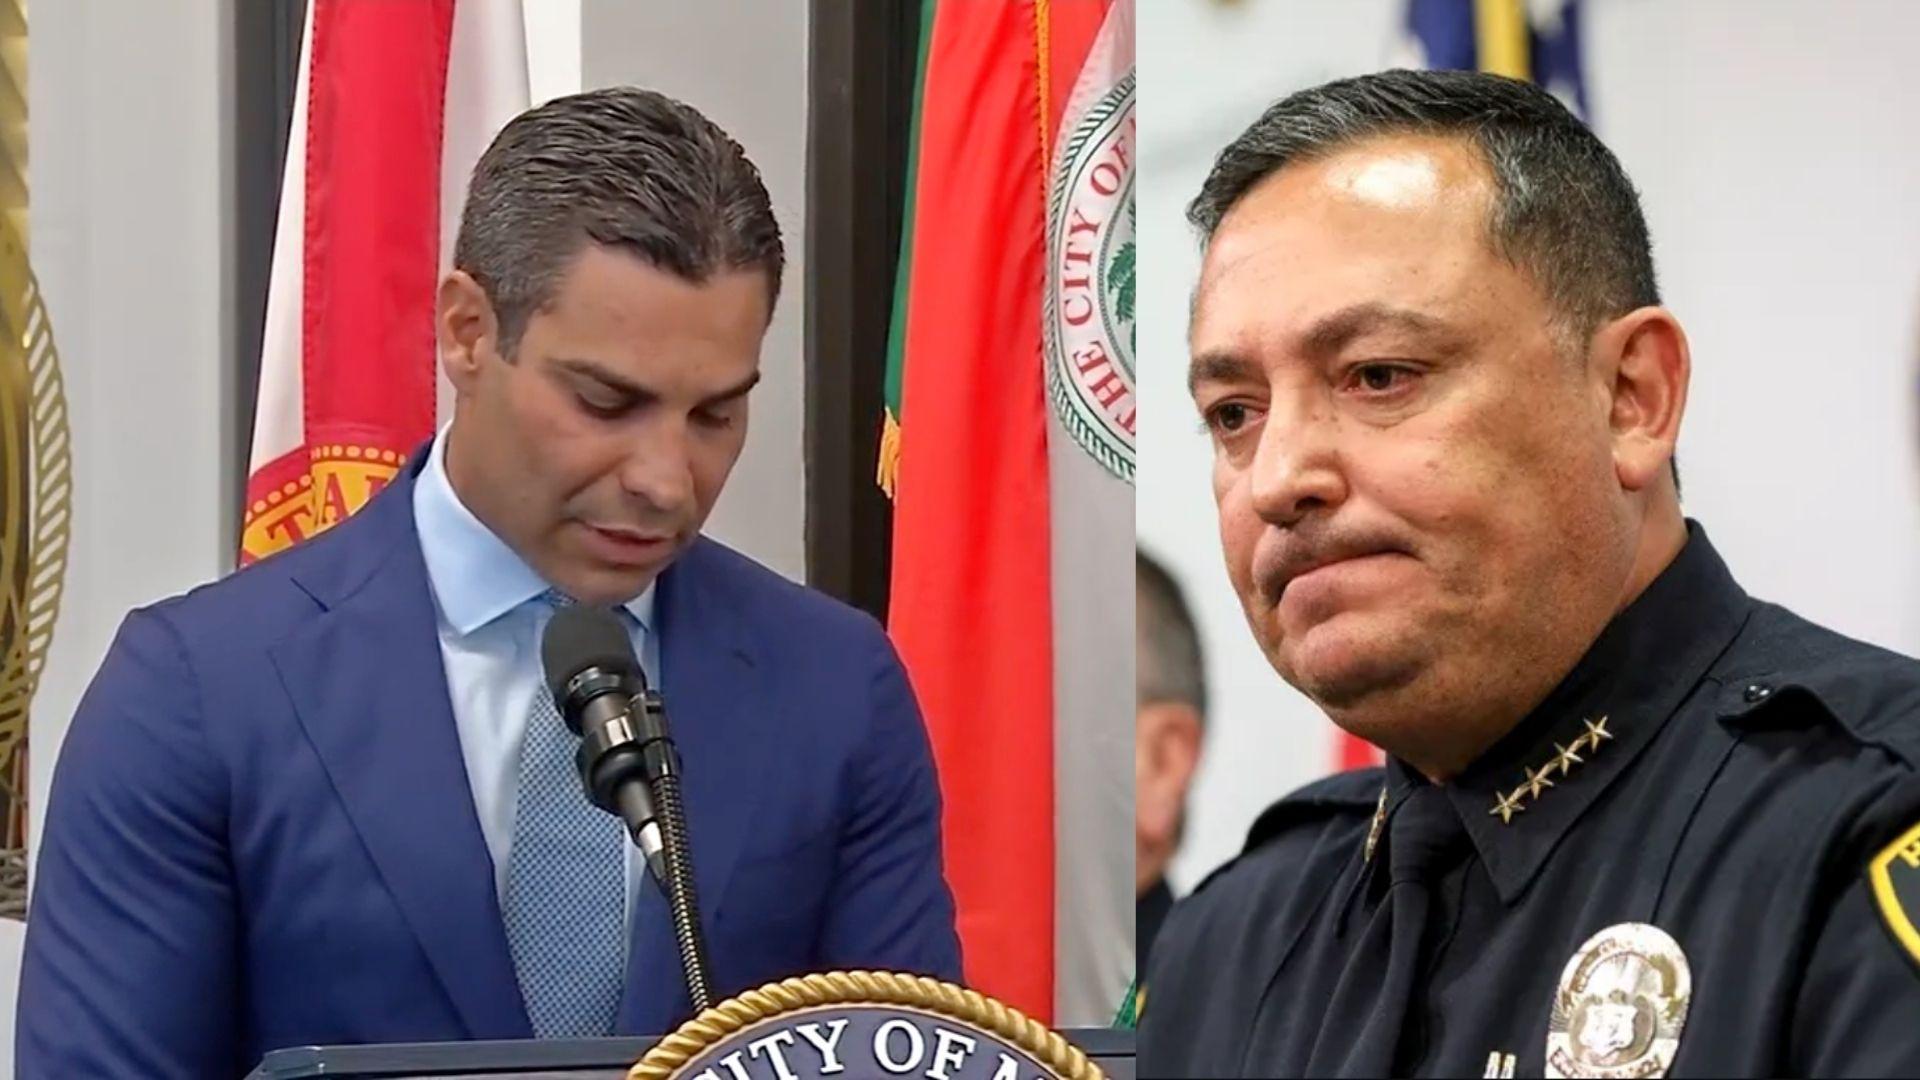 alcalde de la ciudad de miami respalda la decision de despedir al jefe de policia, art acevedo